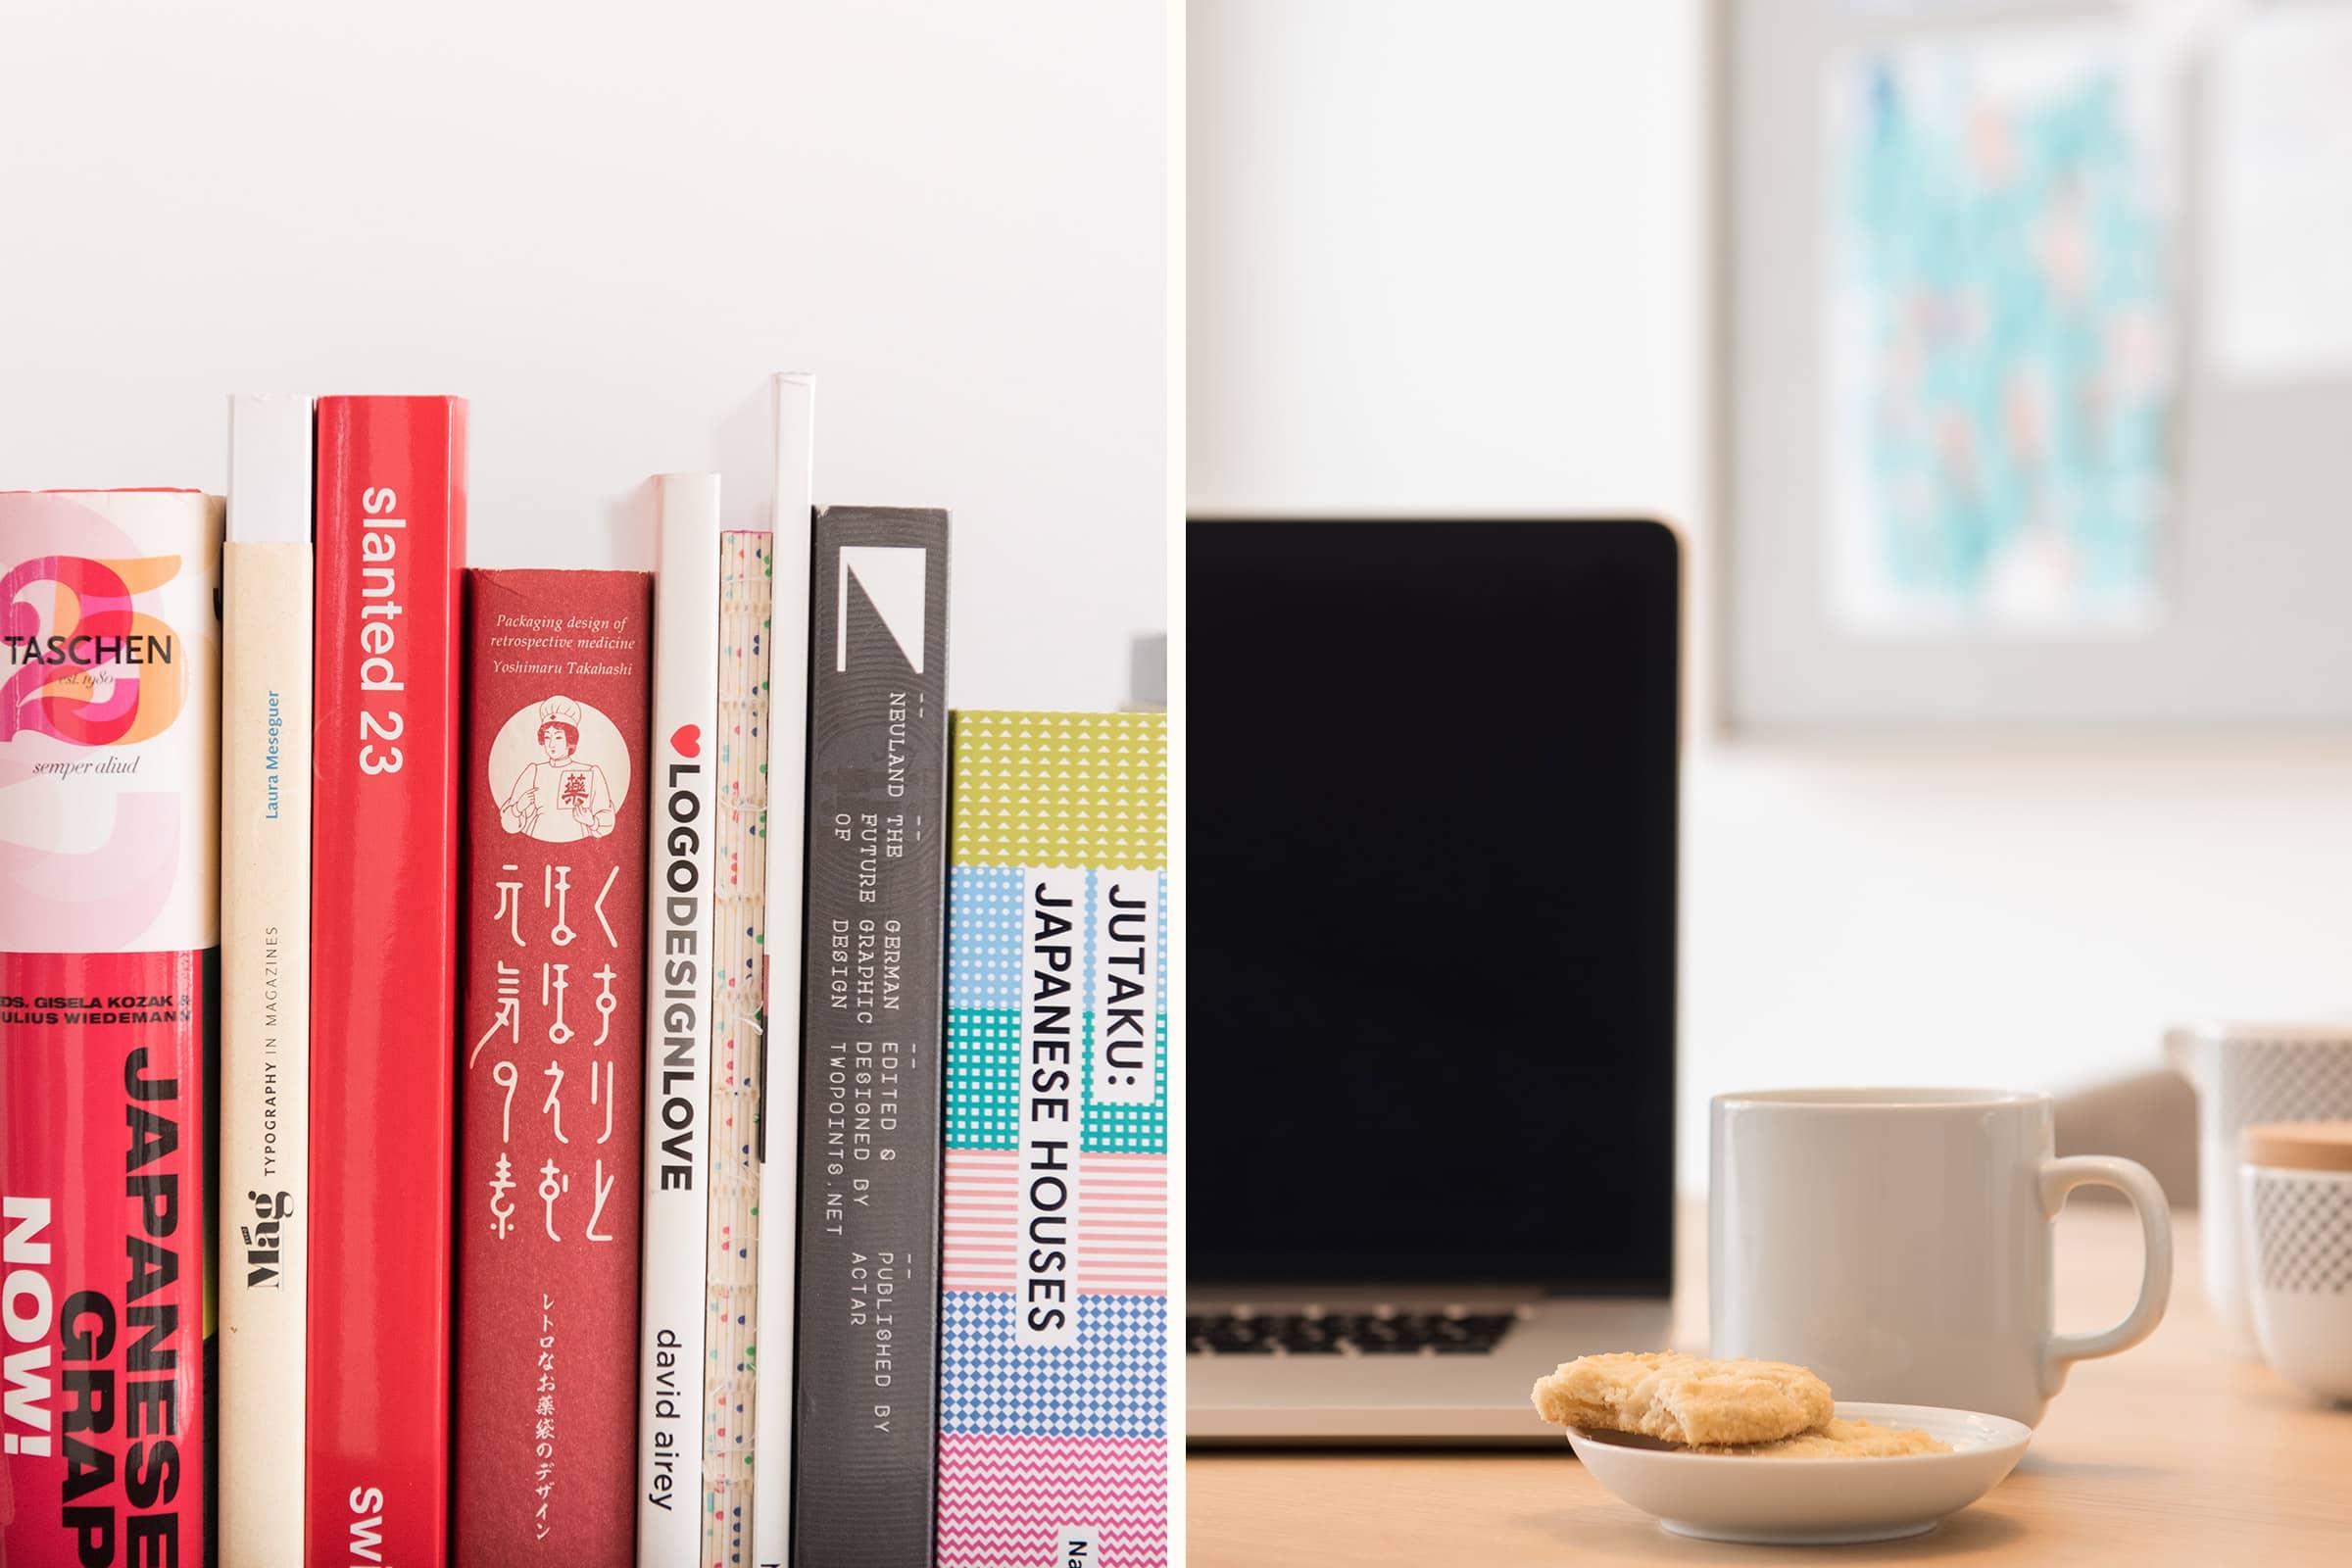 KittoKatsu, Büro, Agentur für Markenführung, Agentur für Design, Bücher